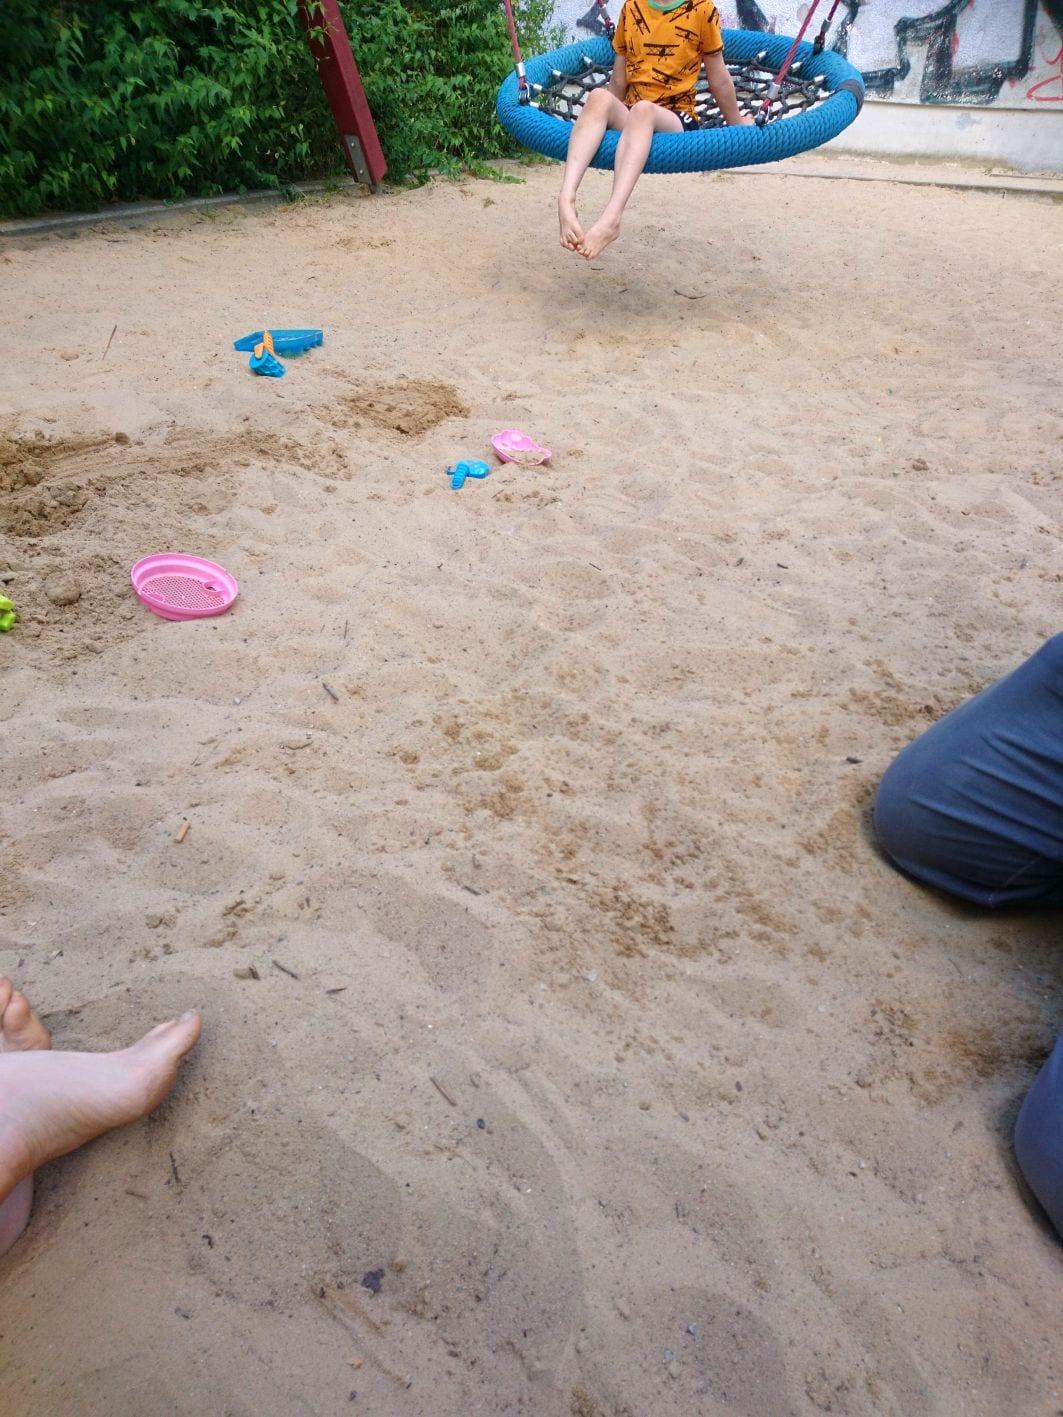 Spielplatz, Schaukel, Kinder